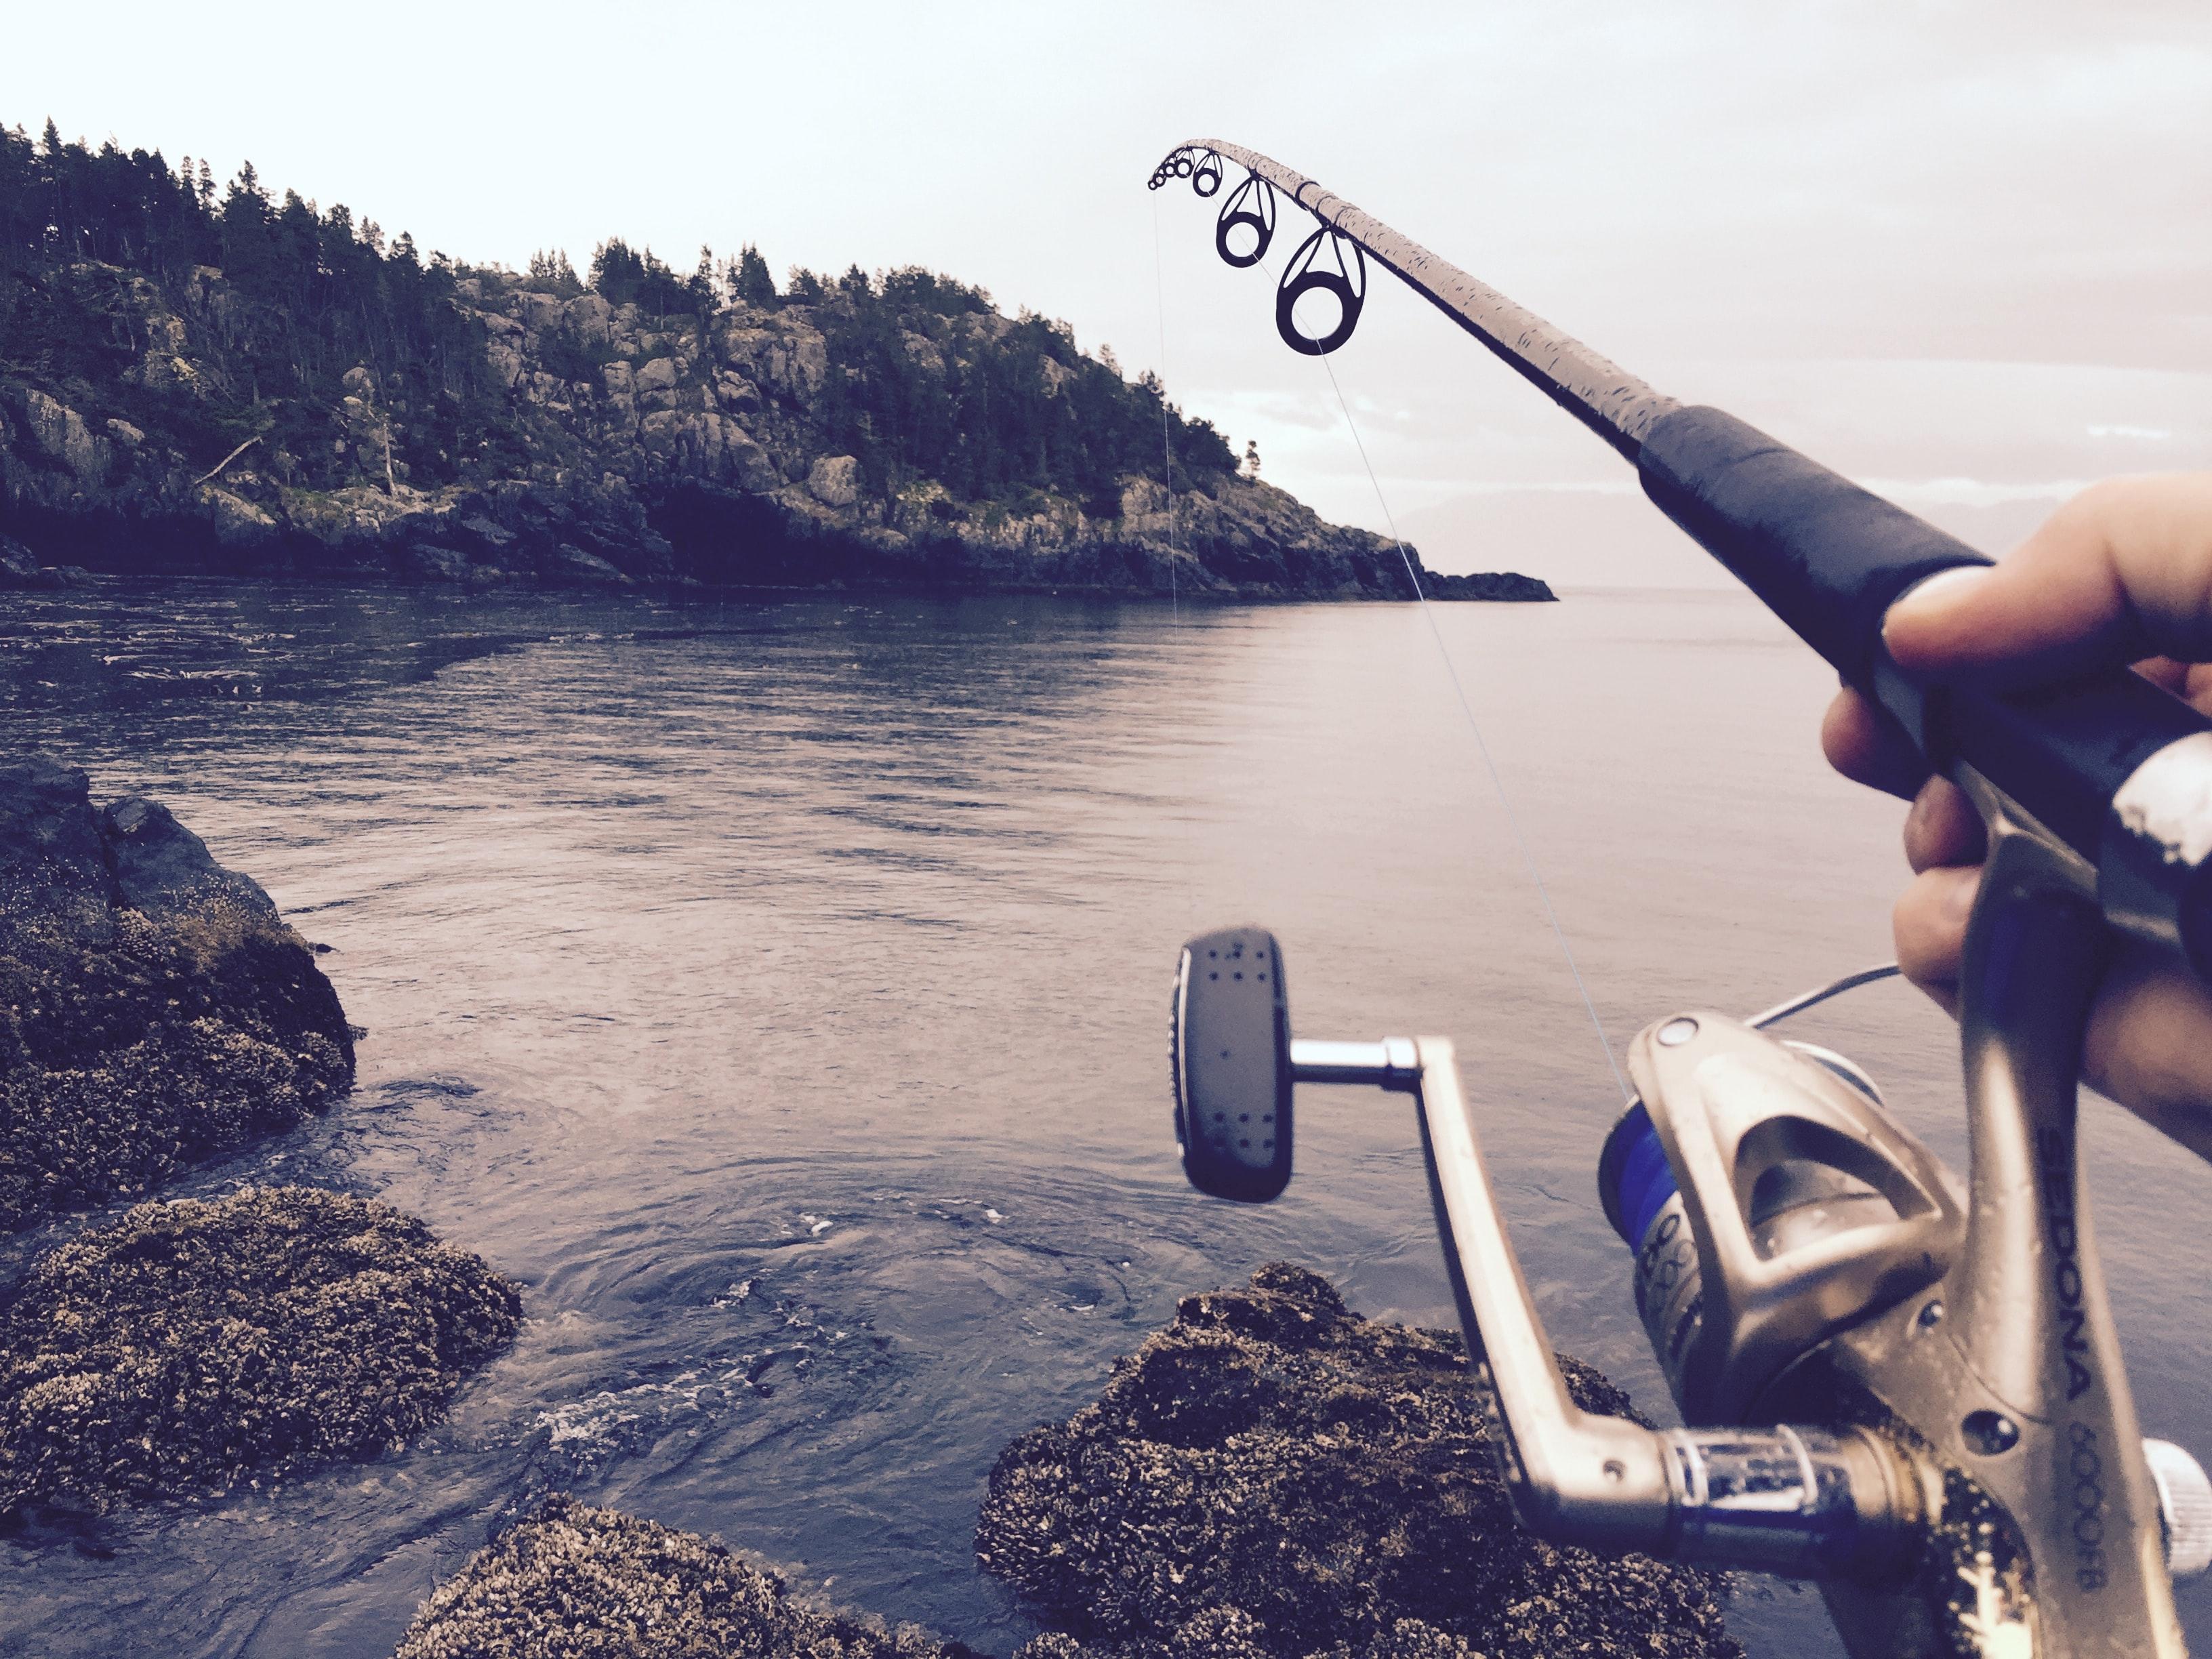 Рыбак с удилищем в прекрасном водоеме